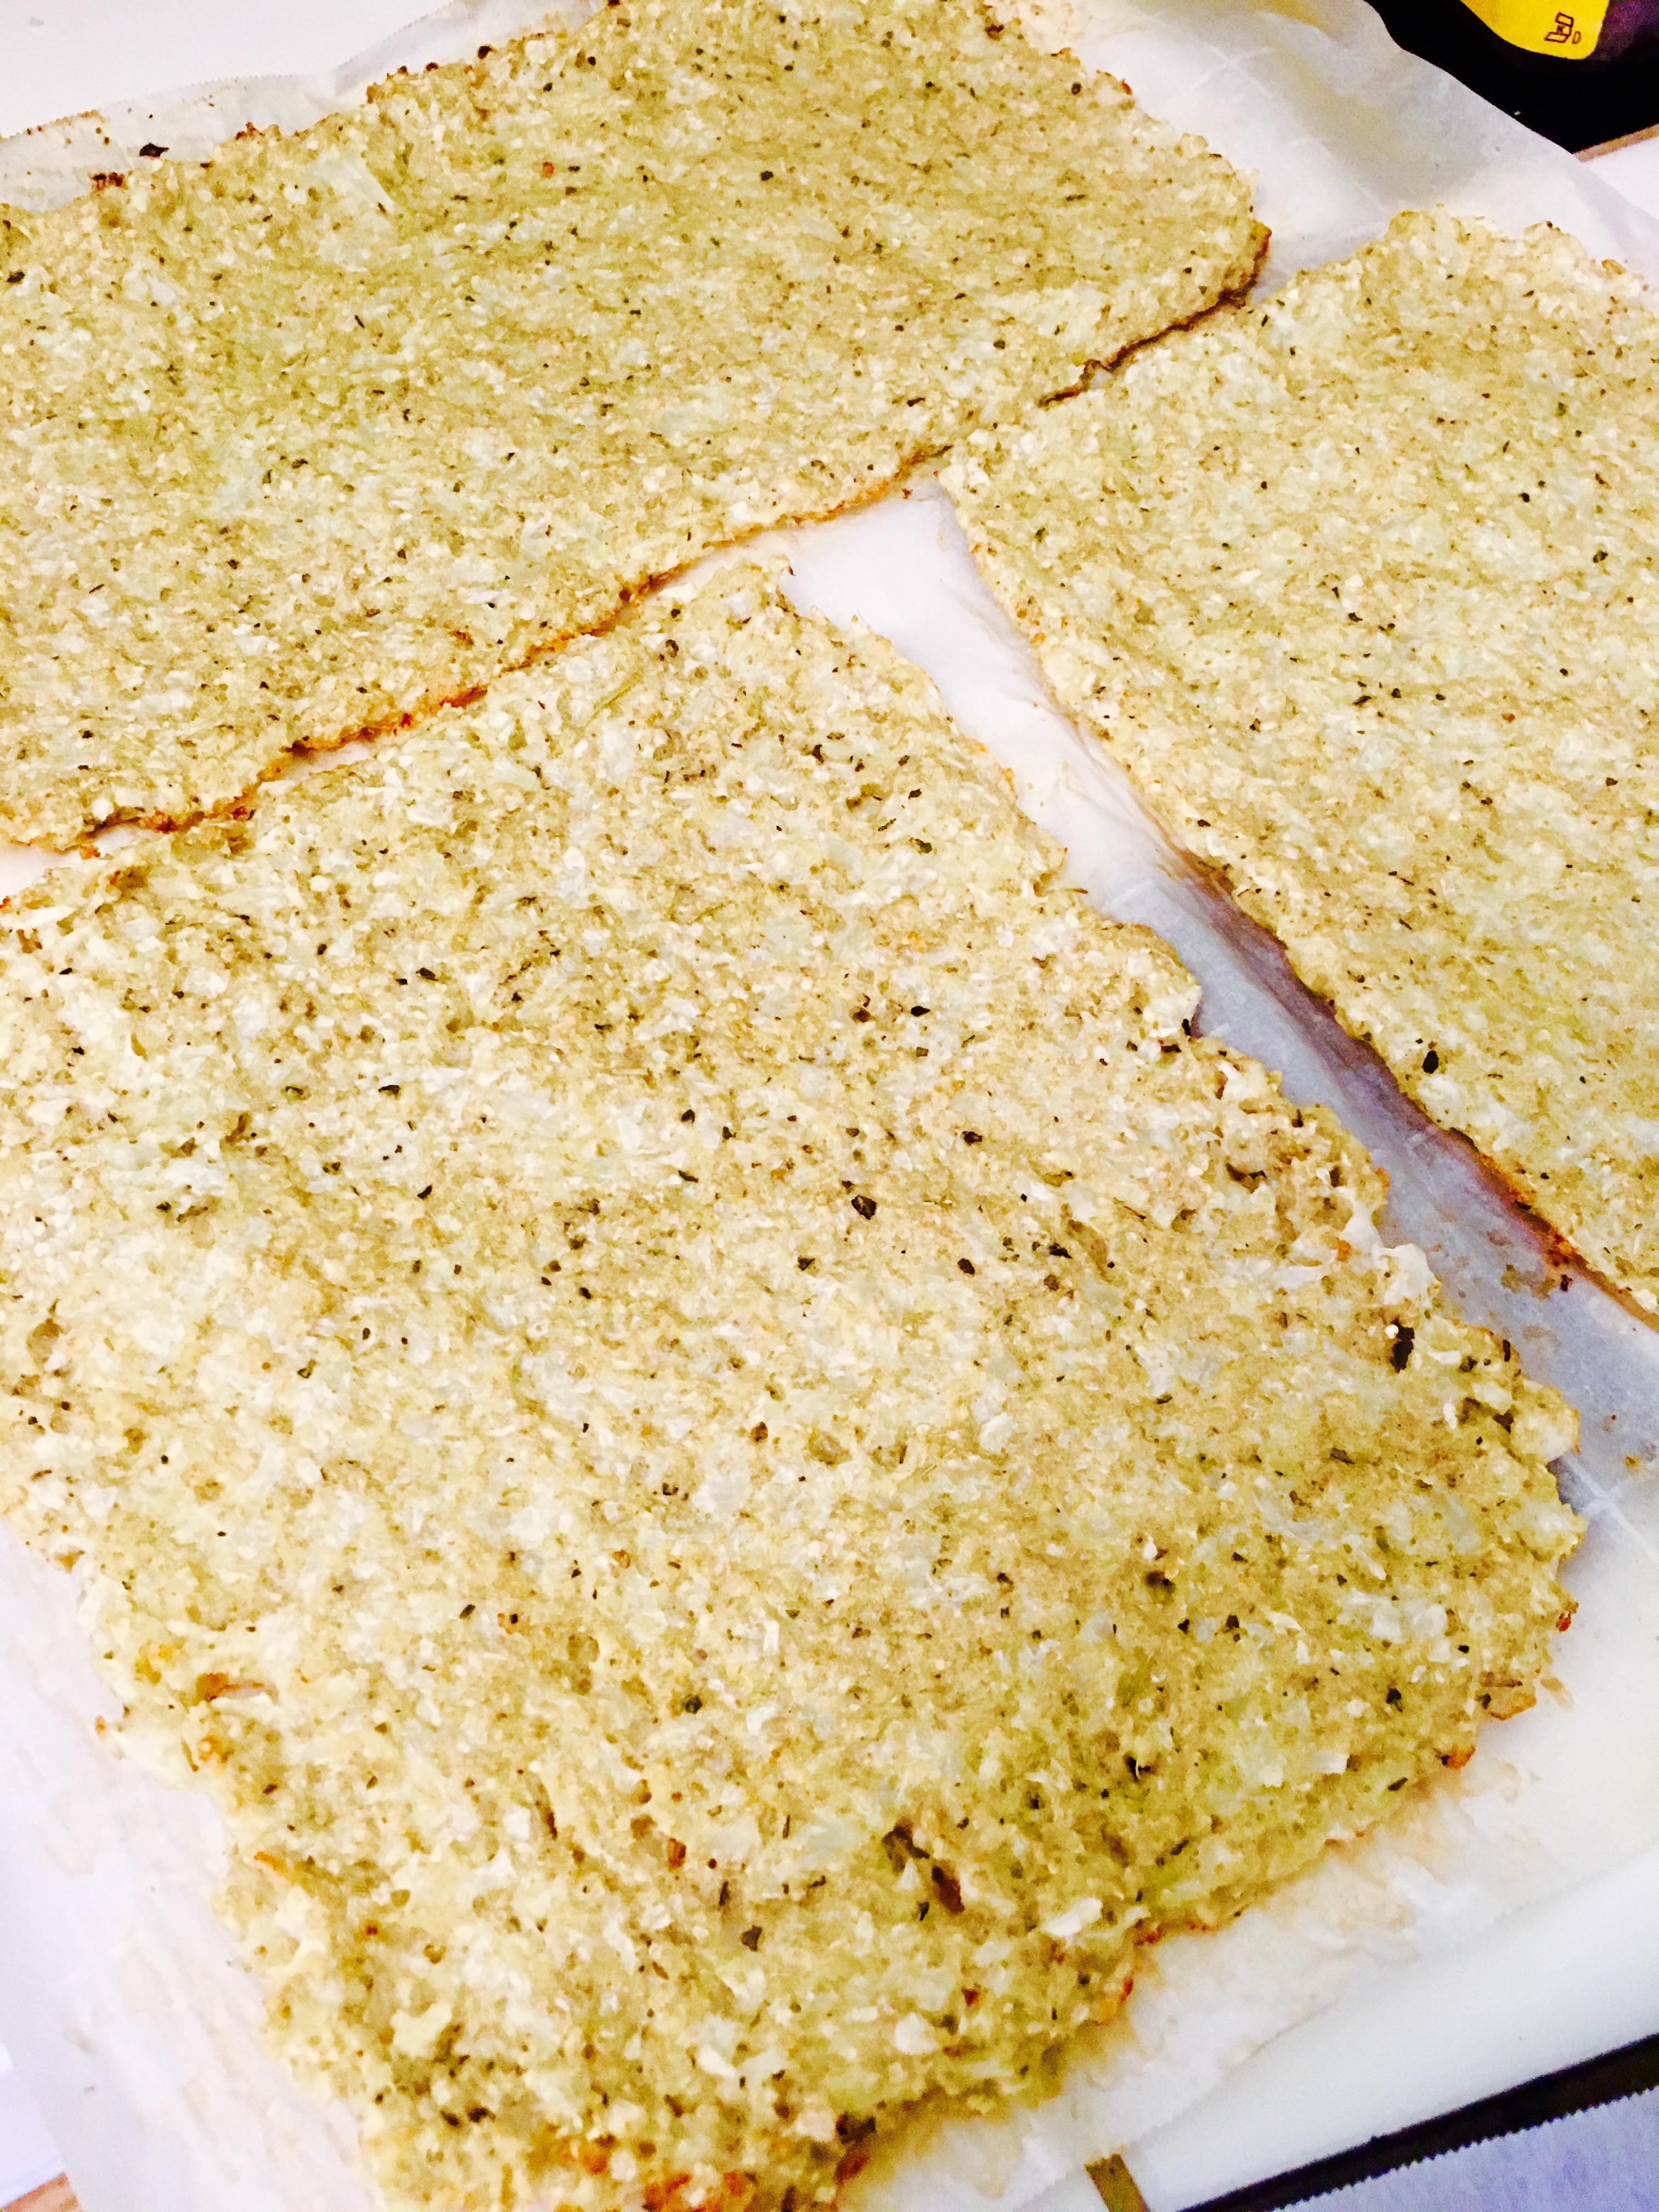 Frozen Cauliflower Pizza Crust  Frozen Cauliflower Pizza Granola Cookies and More WIAW